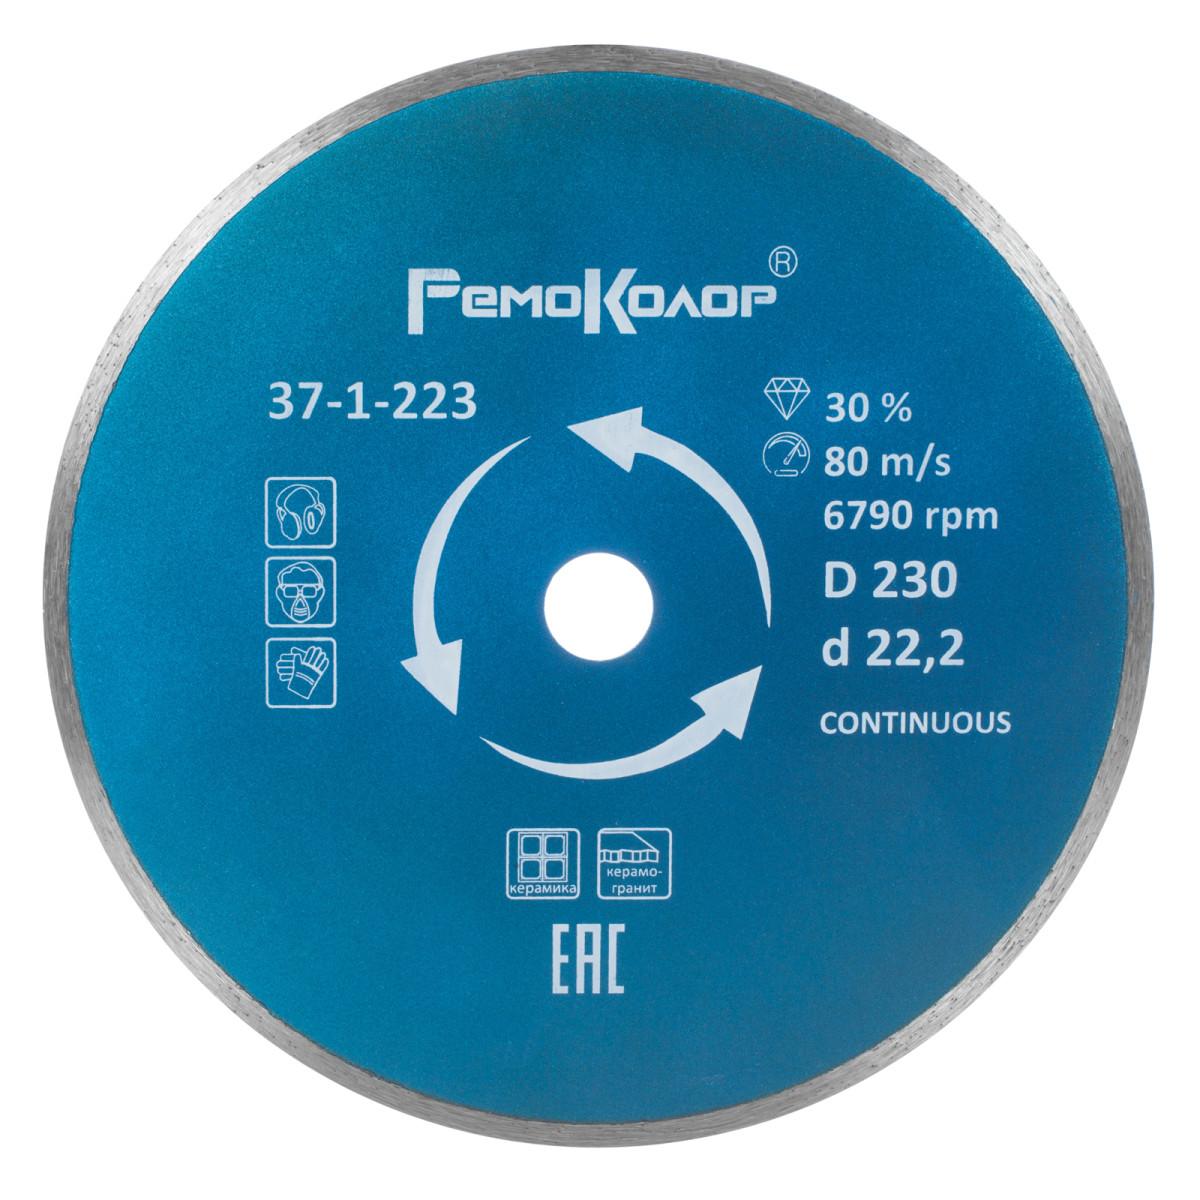 Диск Алмазный Ремоколор 230Х222 37-1-223